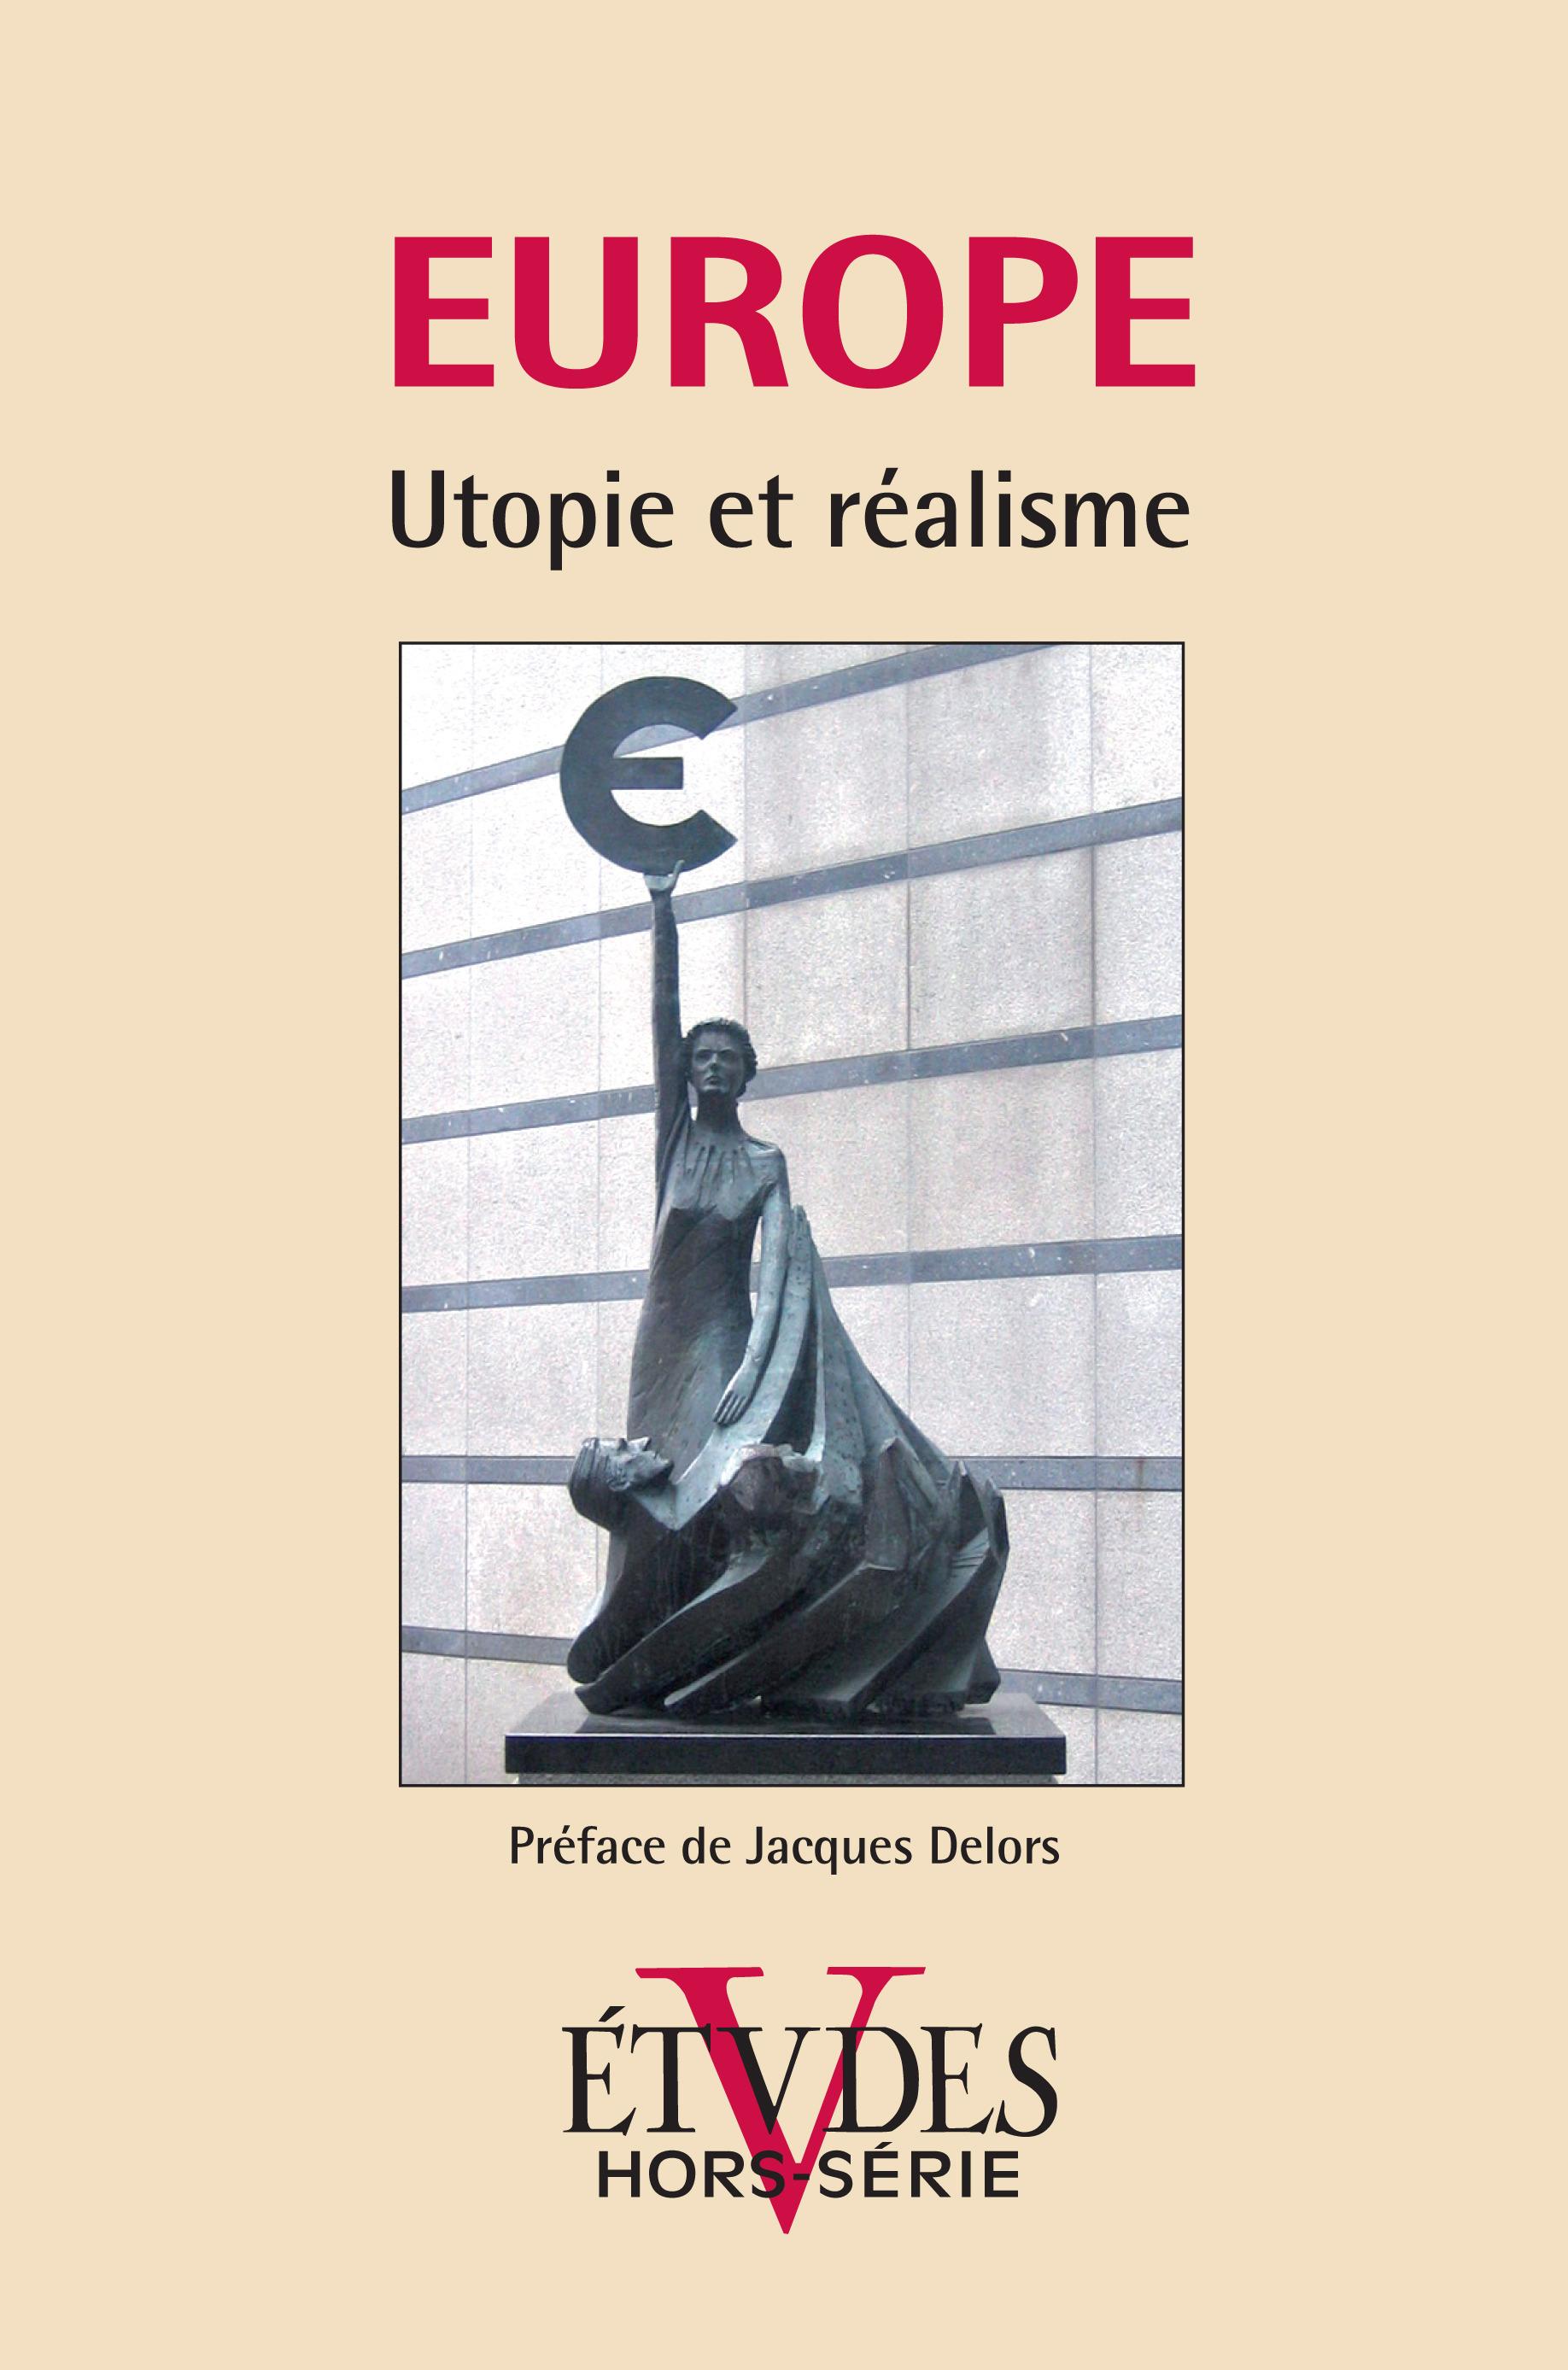 Revue études ; Etudes Hors-Série 2011